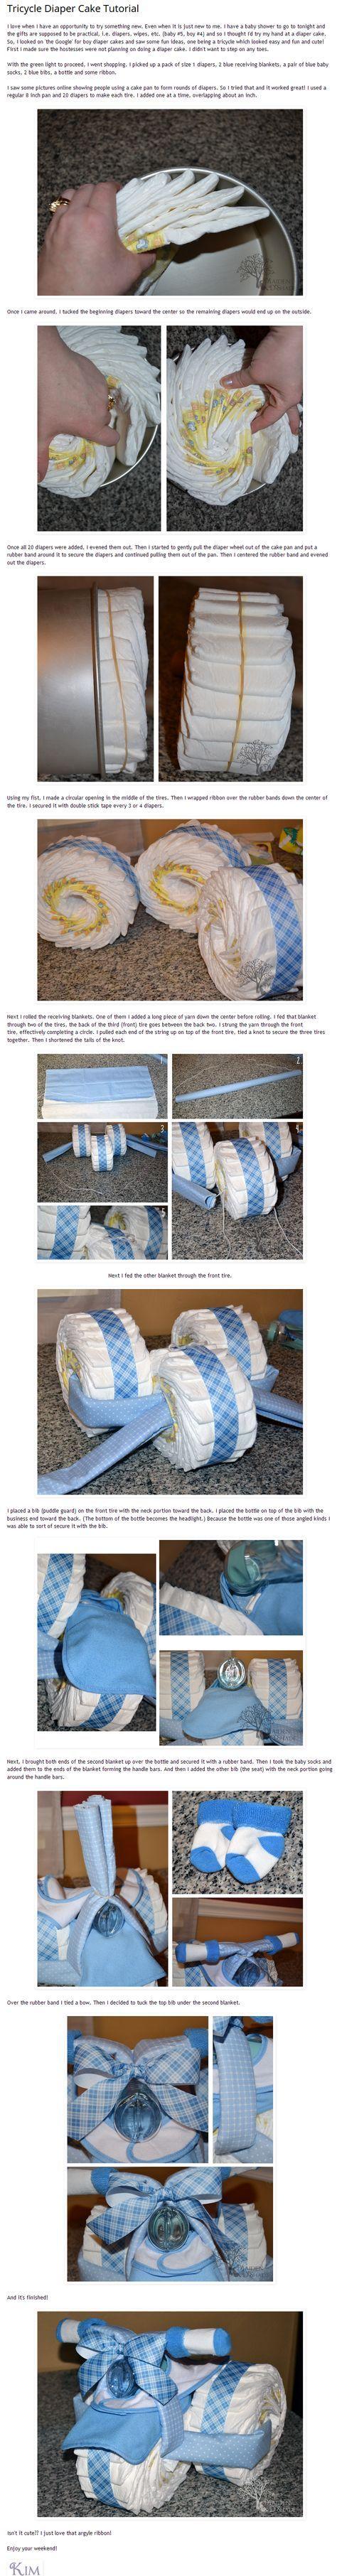 Tuto pour faire un tricycle avec des couches :) D'autres jouets pour bebe => http://amzn.to/2nK8lcv